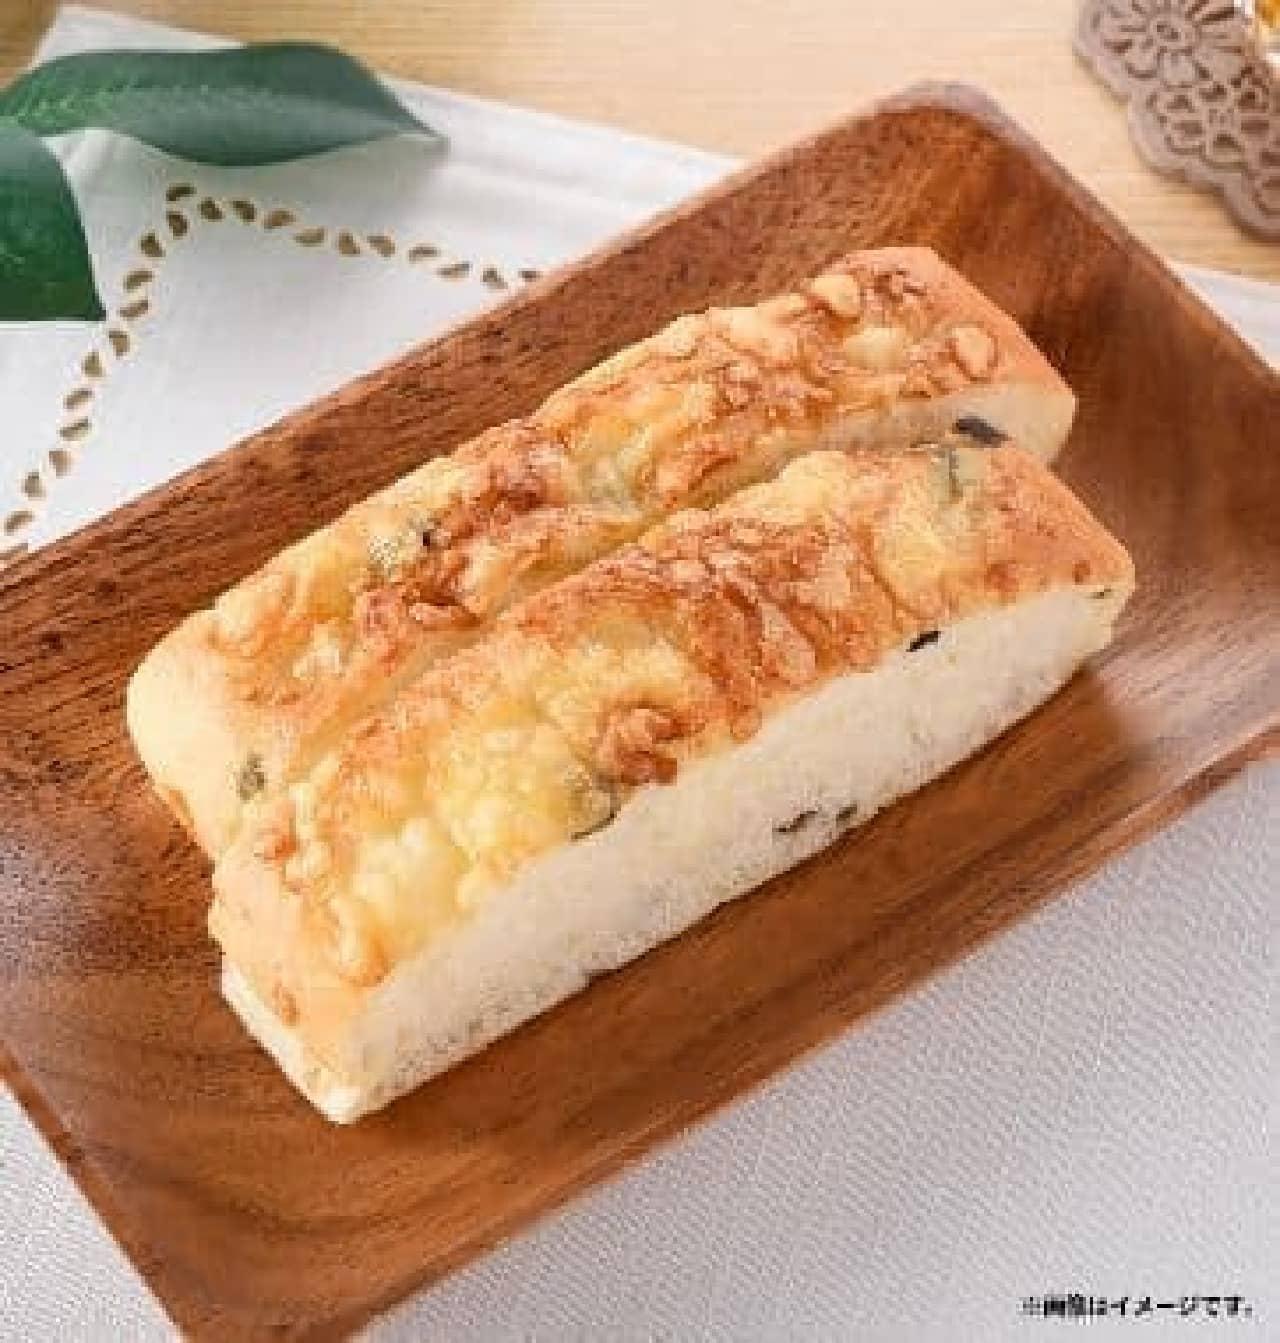 ファミリーマート「2種オリーブのチーズフォカッチャ」